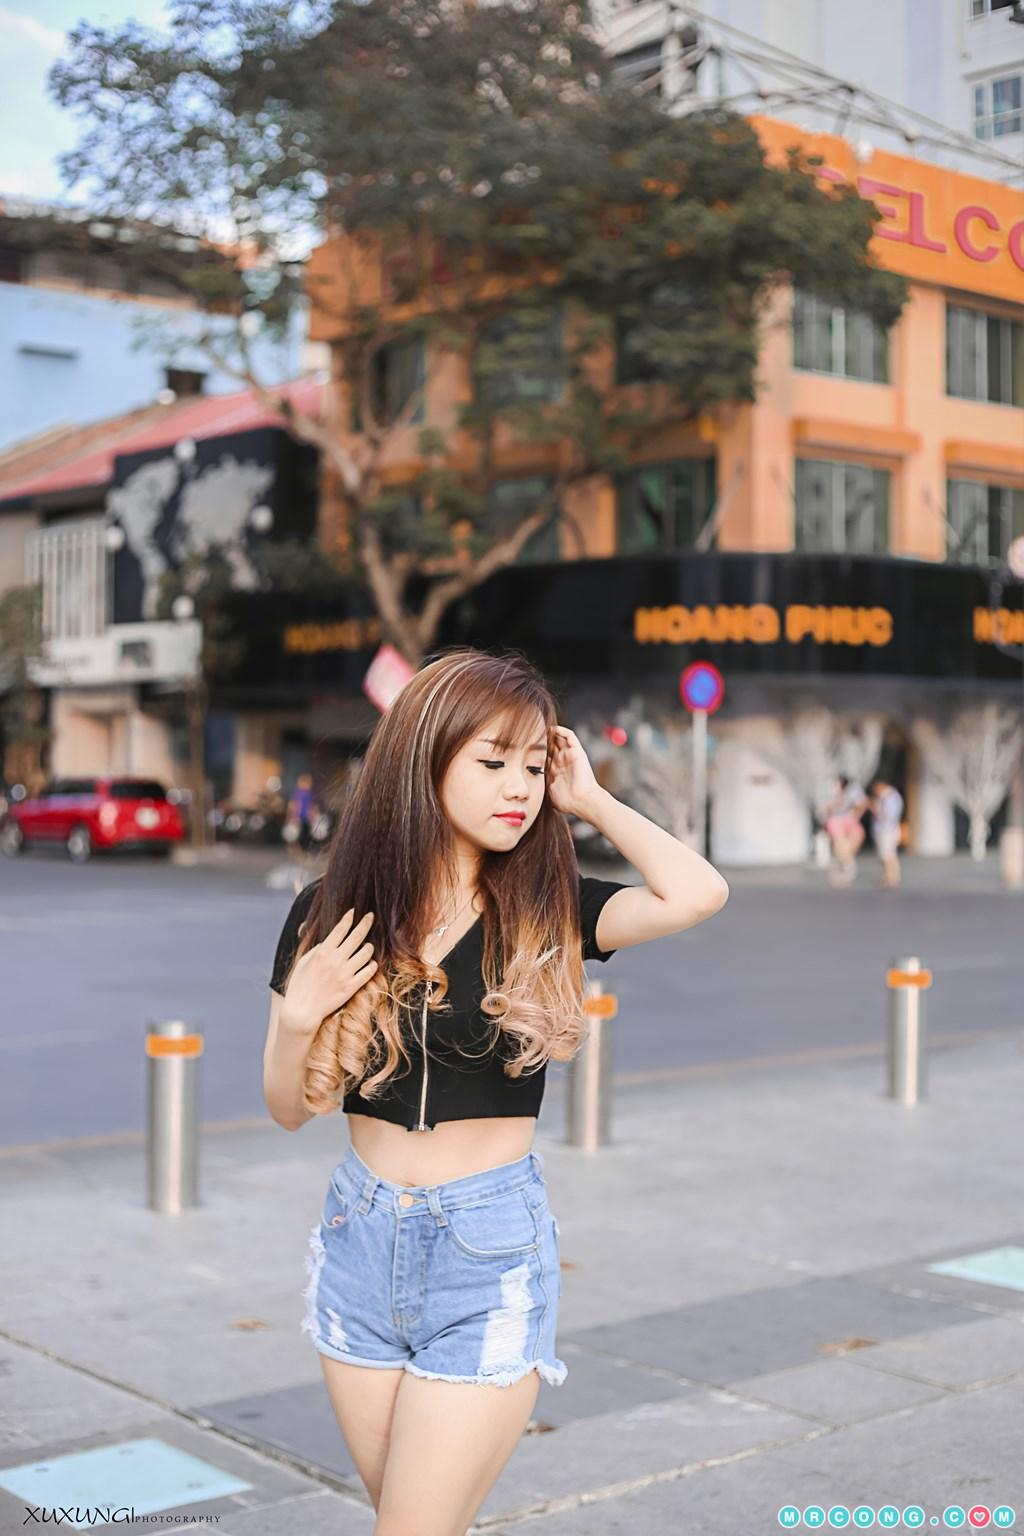 Image Girl-xinh-Viet-Nam-by-Mr.Hugo-Phan-1-MrCong.com-009 in post Gái xinh Việt Nam qua ống kính máy ảnh Thạc Trường Giang - Phần 1 (260 ảnh)